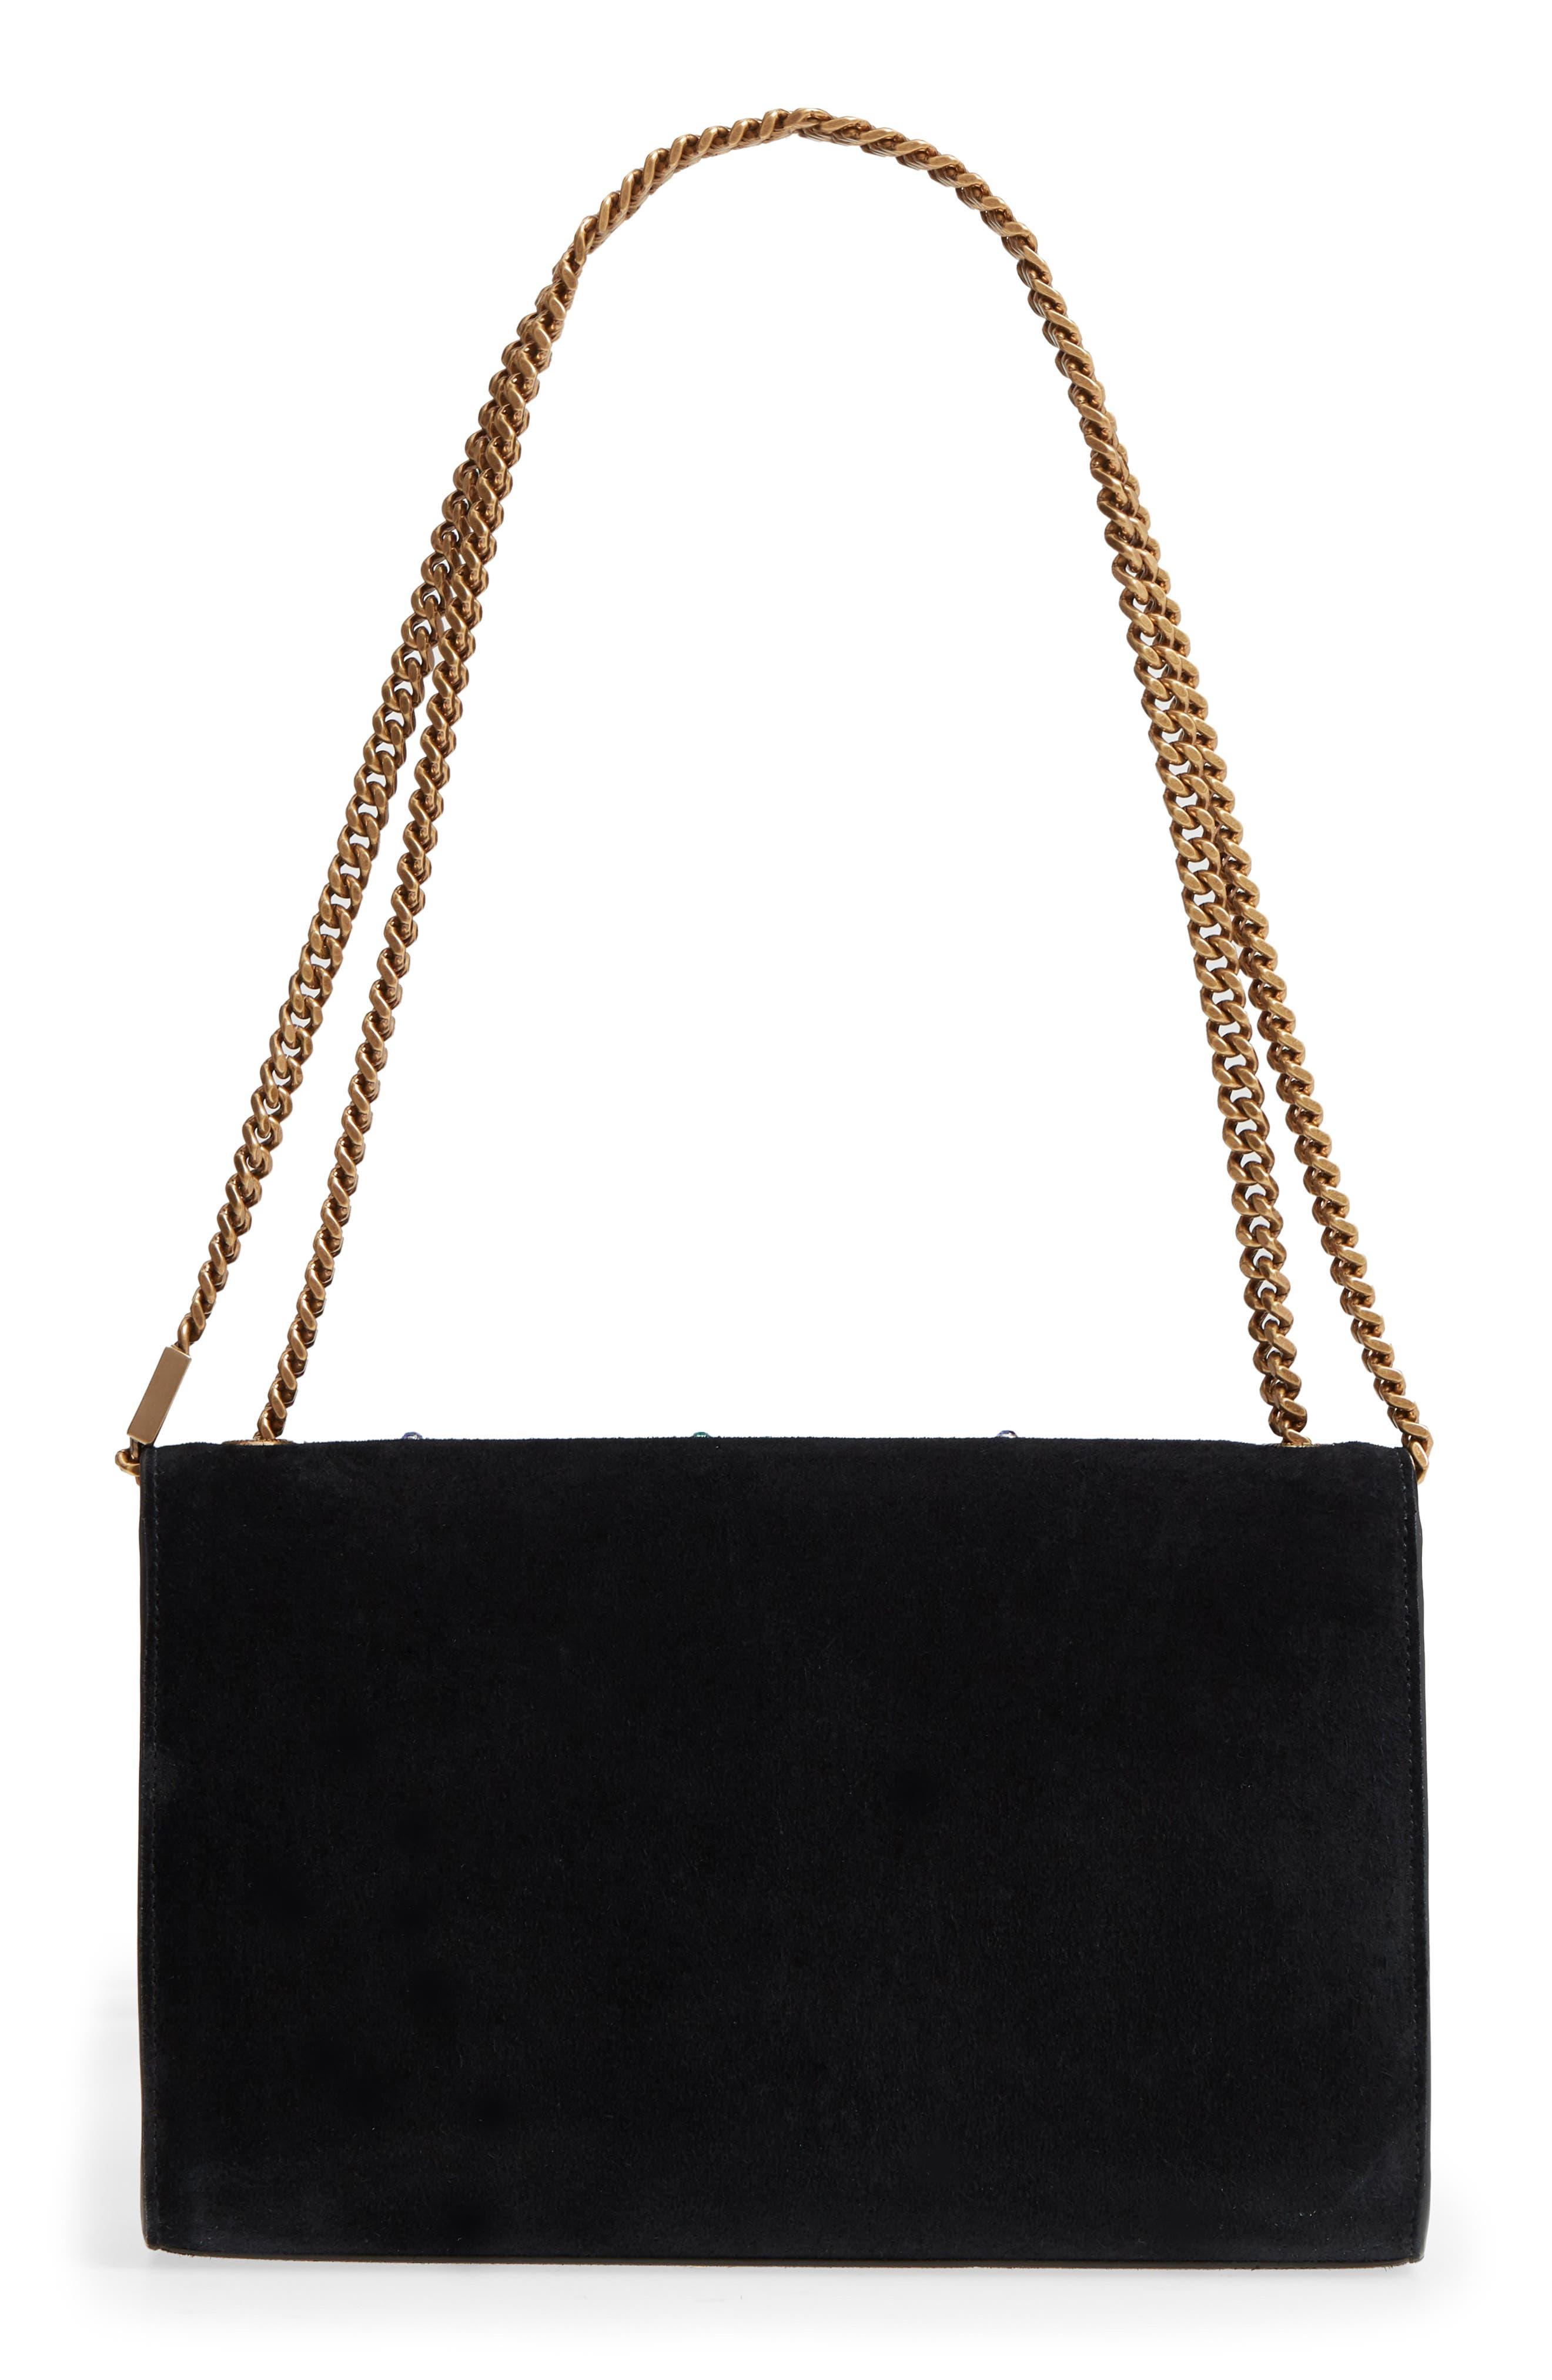 Medium Kate Embellished Suede Shoulder Bag,                             Alternate thumbnail 6, color,                             1077 Multi